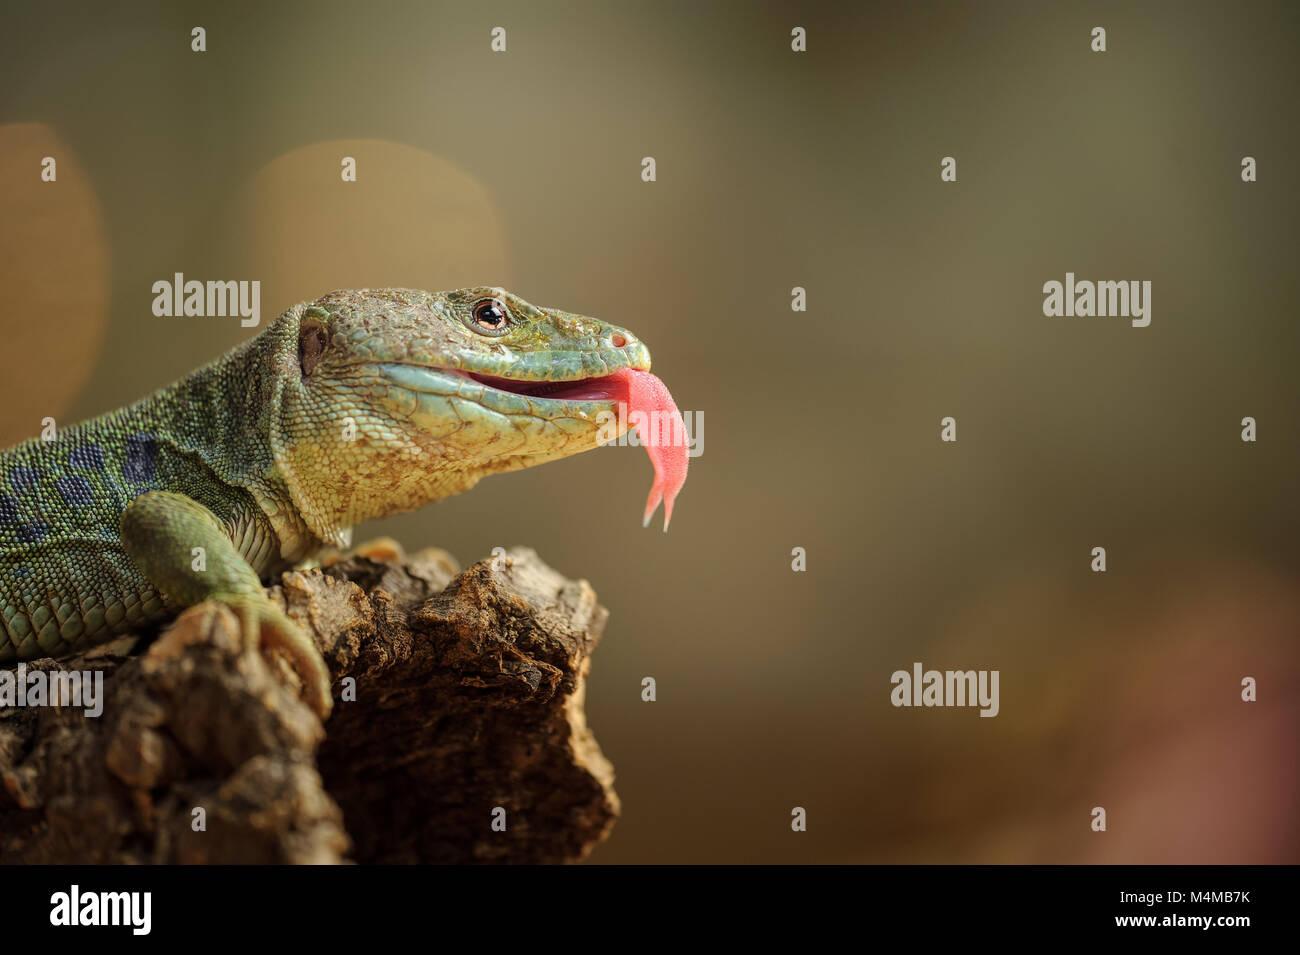 Ocellated lizard con lengua Imagen De Stock